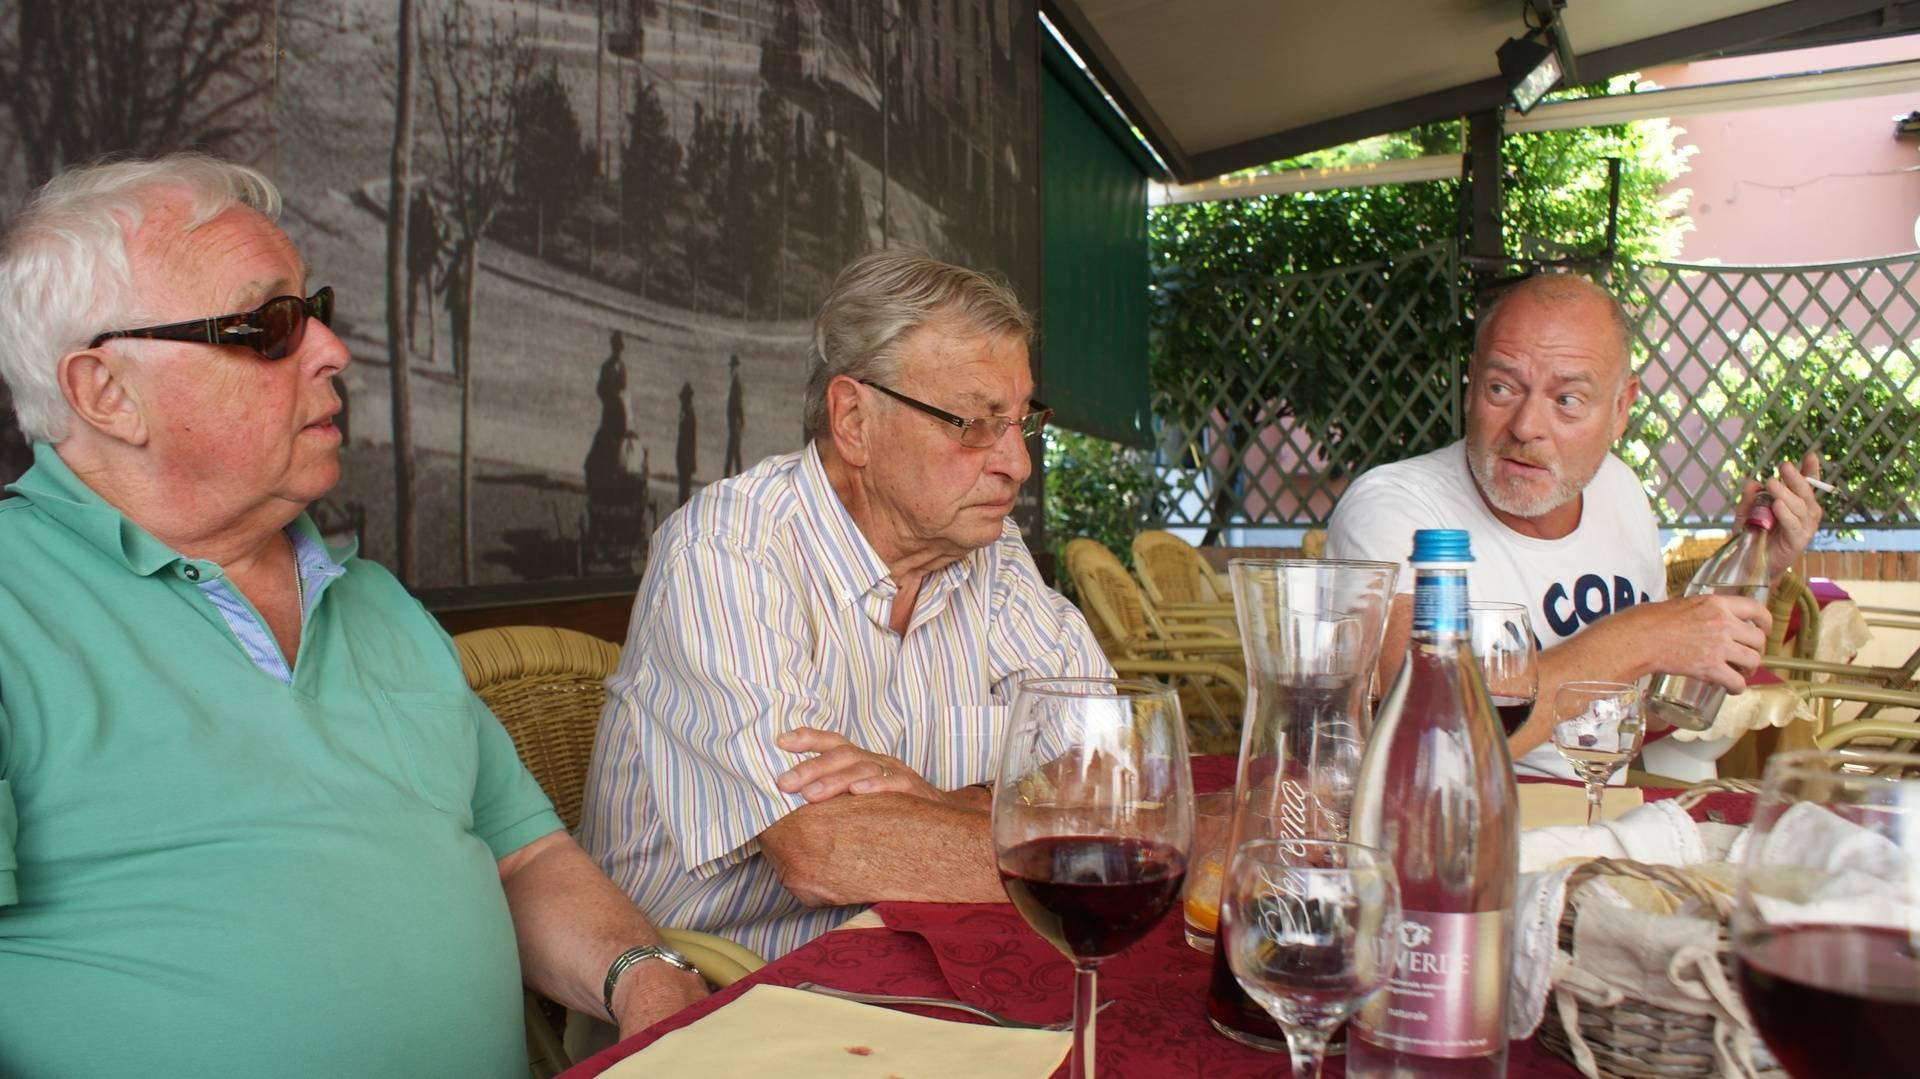 Joop en JanWillem en Aubert